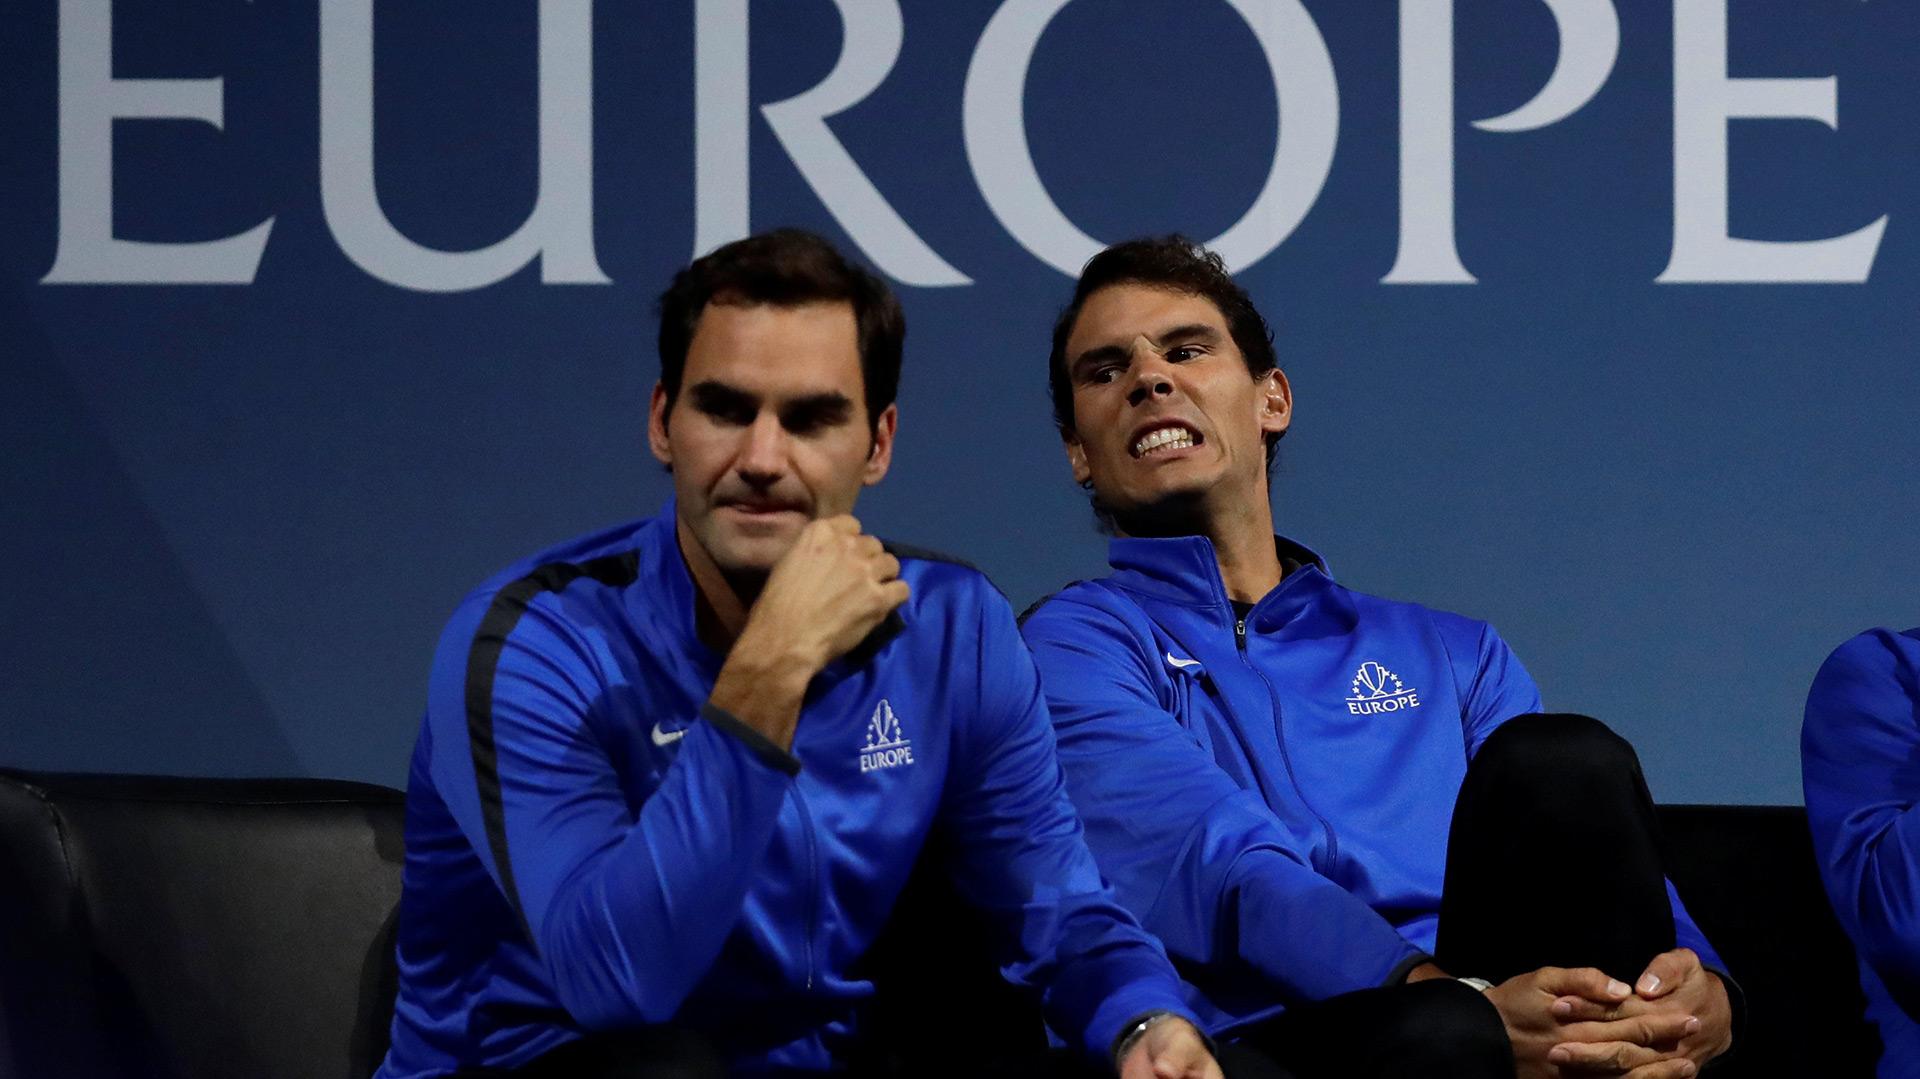 Se enfrentarán por 39ª vez en la carrera de ambos (Foto: Reuters)